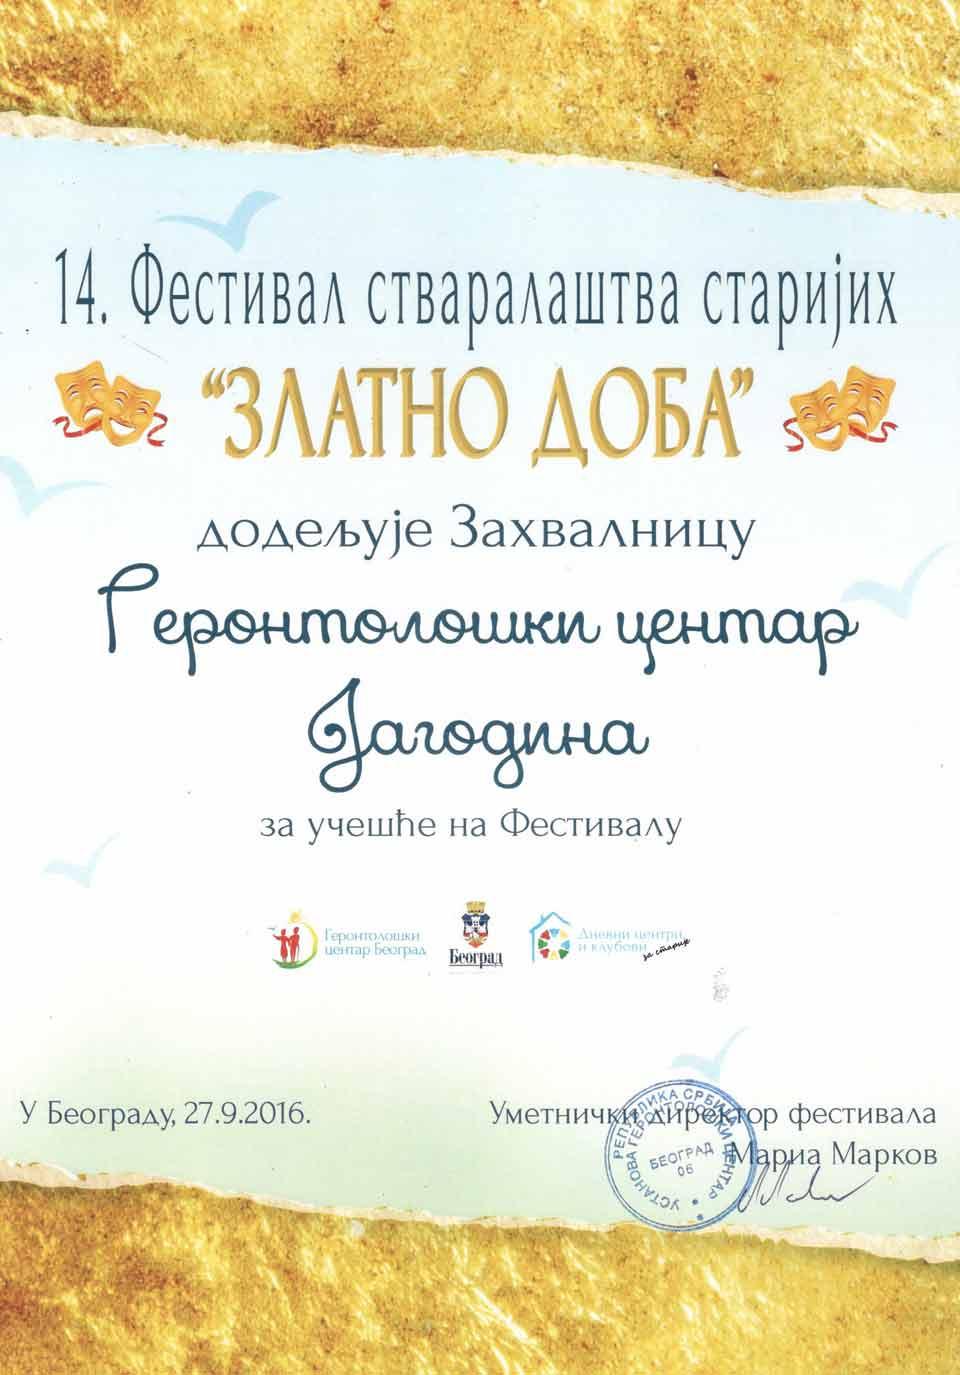 Додела награда на 14.Фестивалу стваралаштва старијих - Златно доба - слика 1